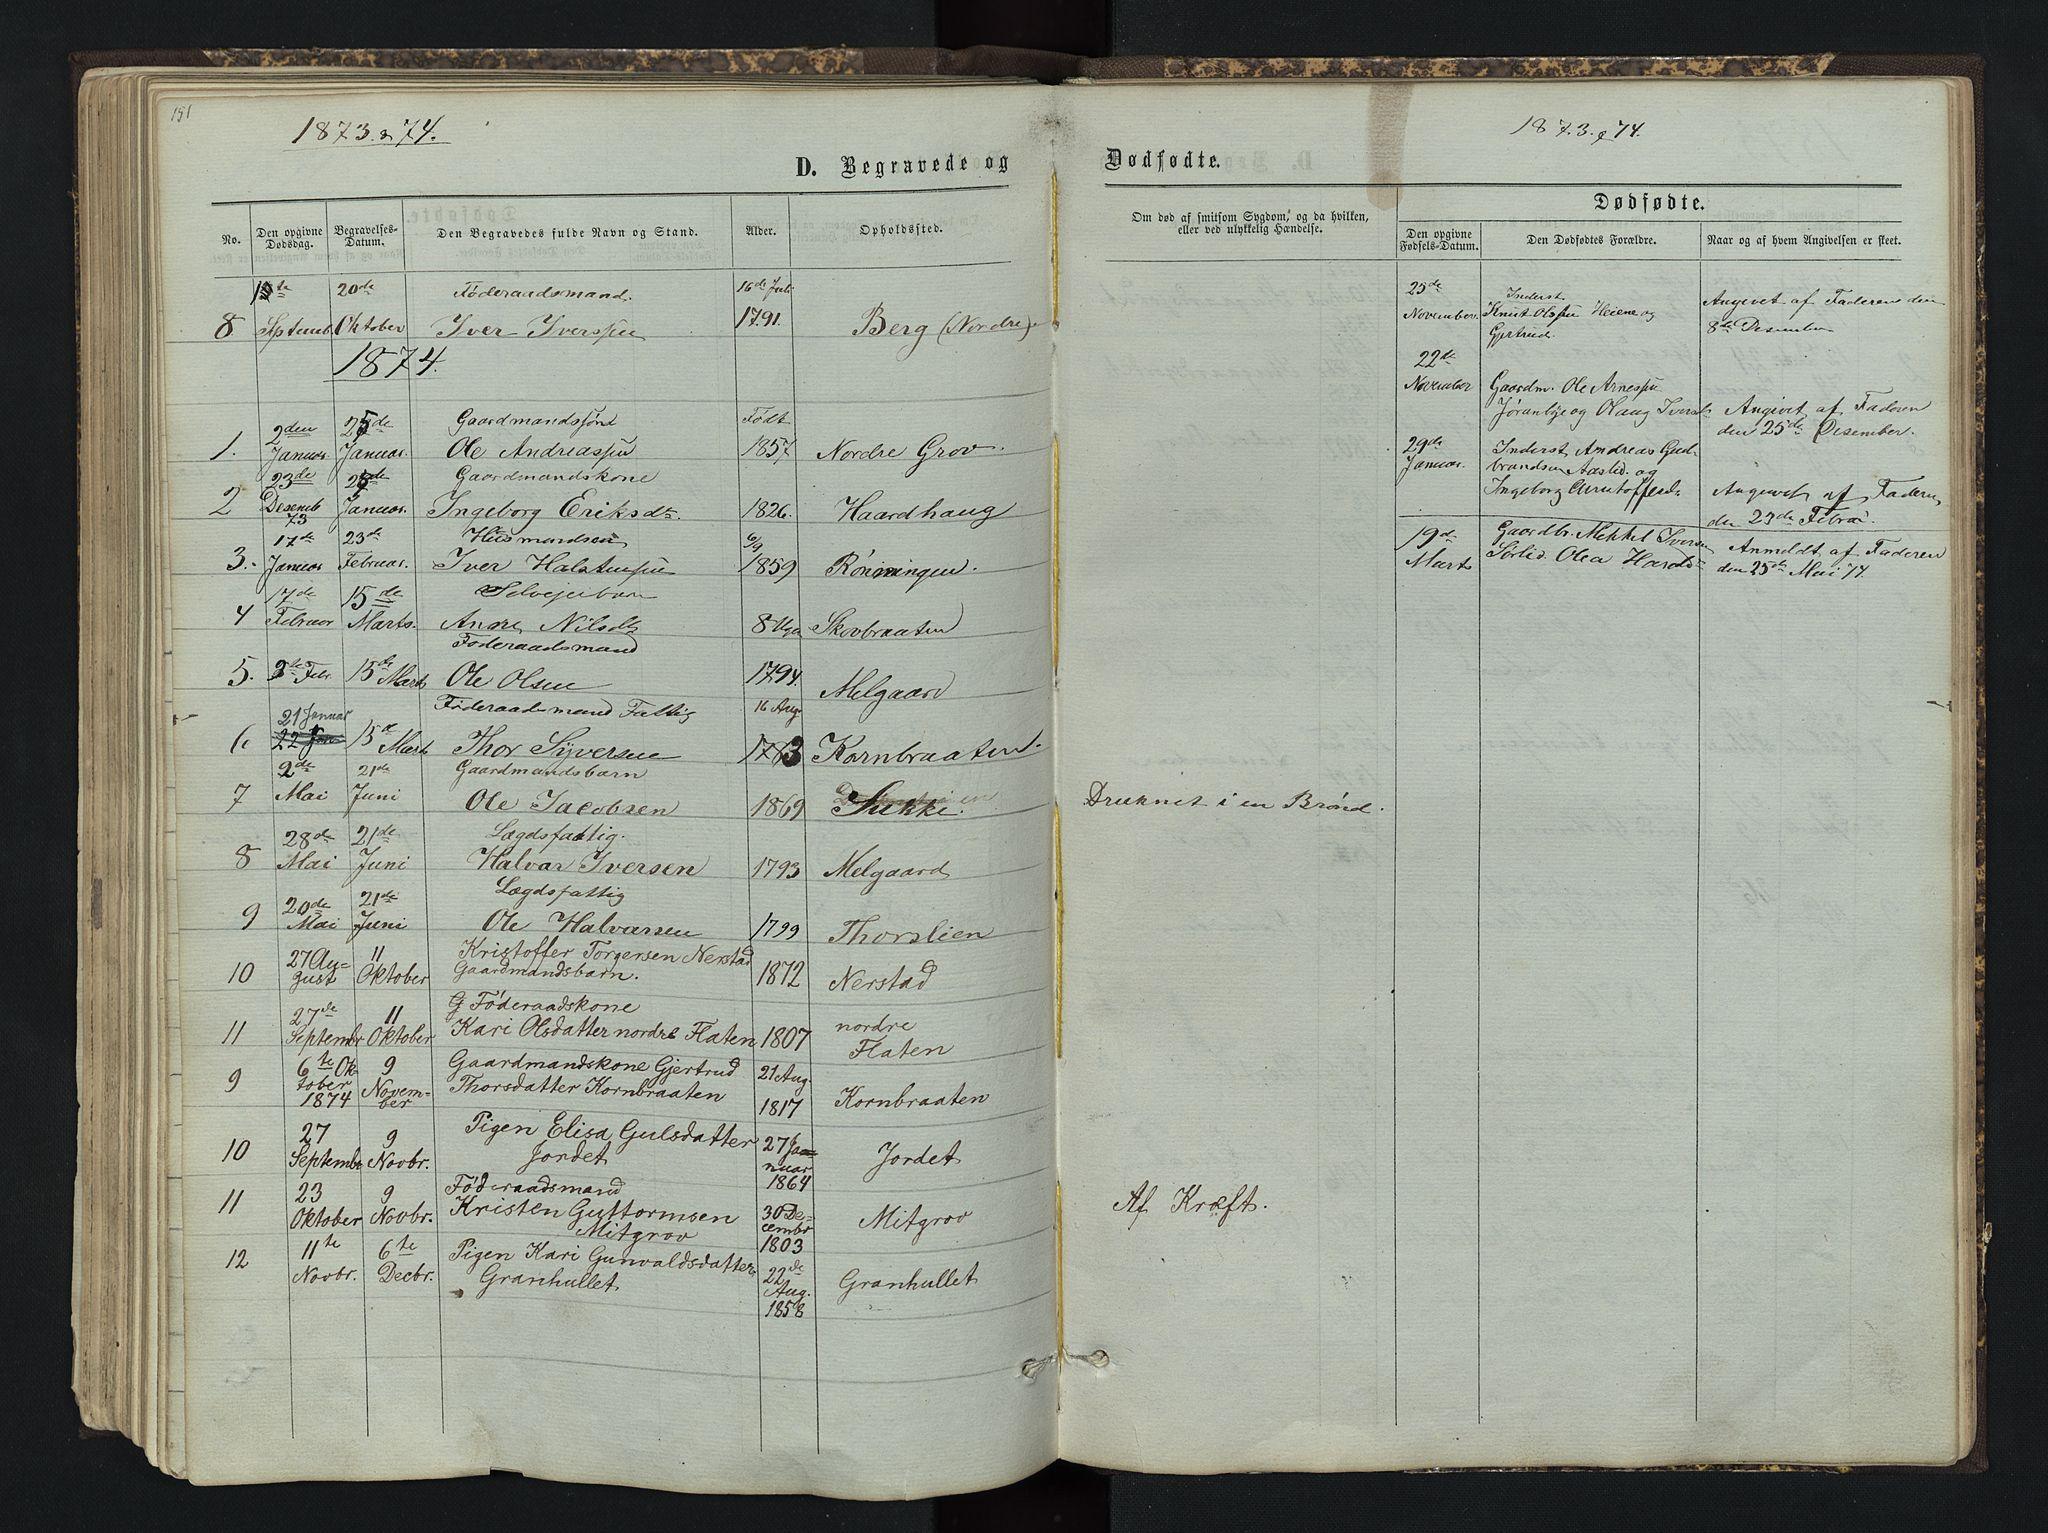 SAH, Sør-Aurdal prestekontor, Klokkerbok nr. 4, 1865-1893, s. 151